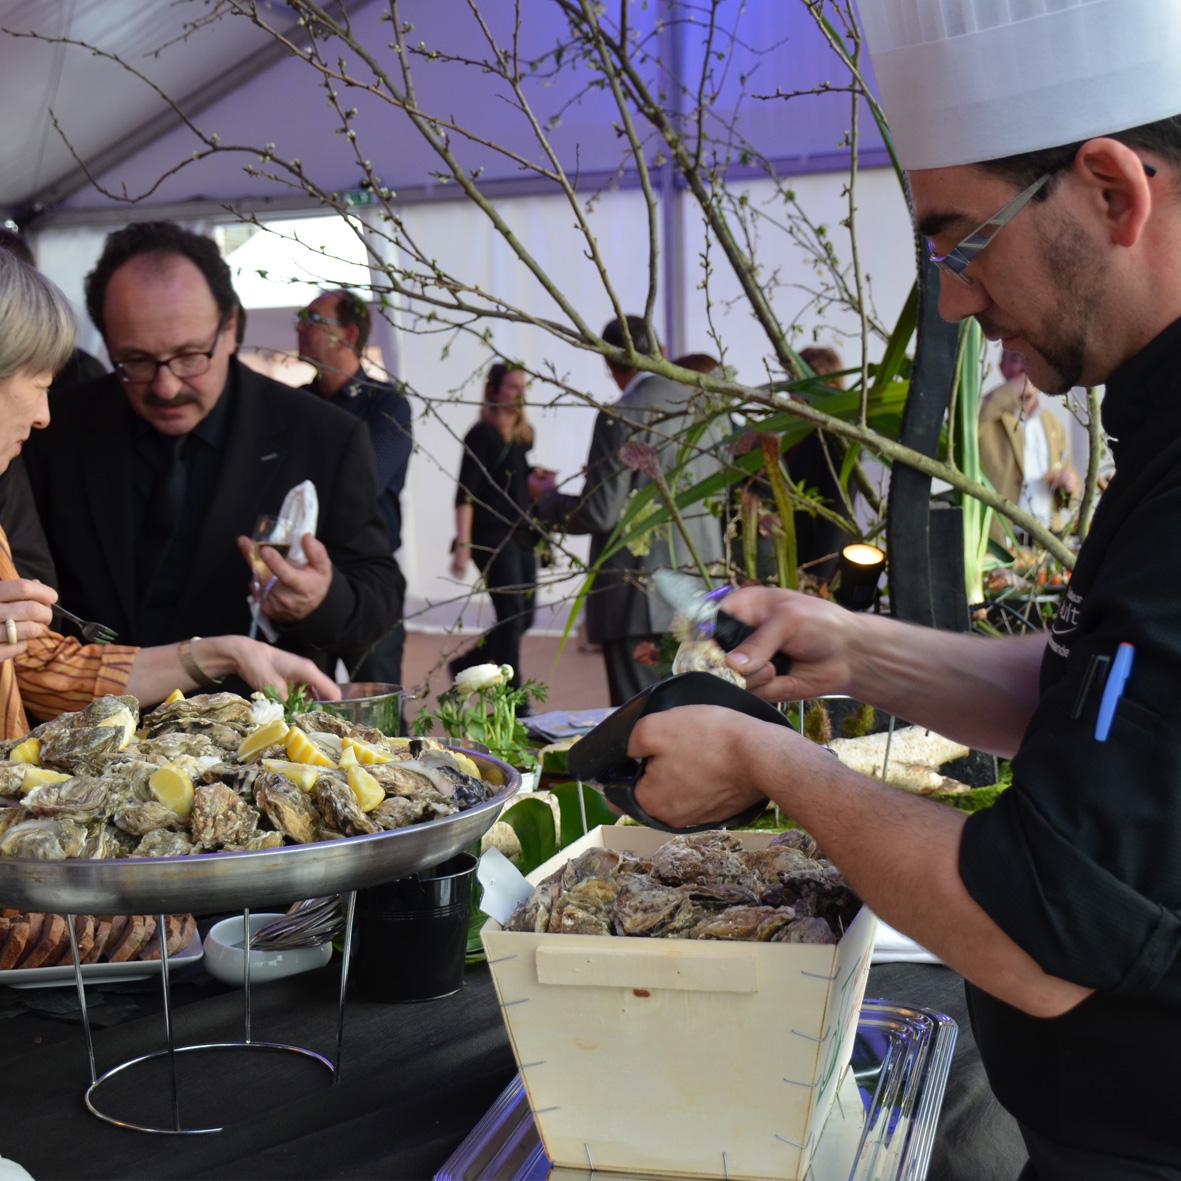 Atelier cuisine animation culinaire nantes rennes - Atelier cuisine rennes ...